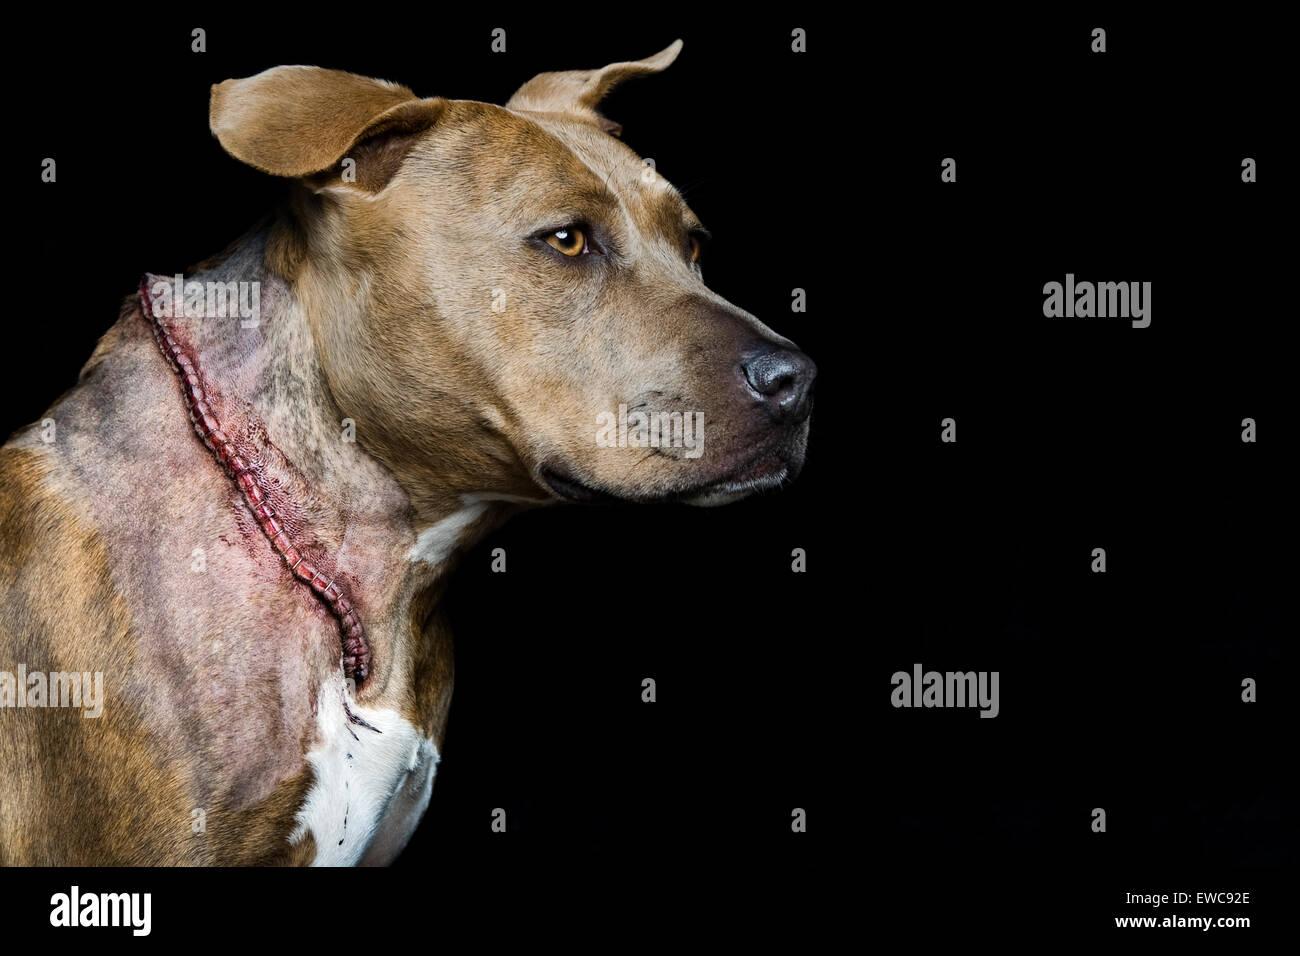 Studio headshot de adultos sobrevivientes de cáncer Pitbull perro en perfil sobre fondo negro con incisión Imagen De Stock